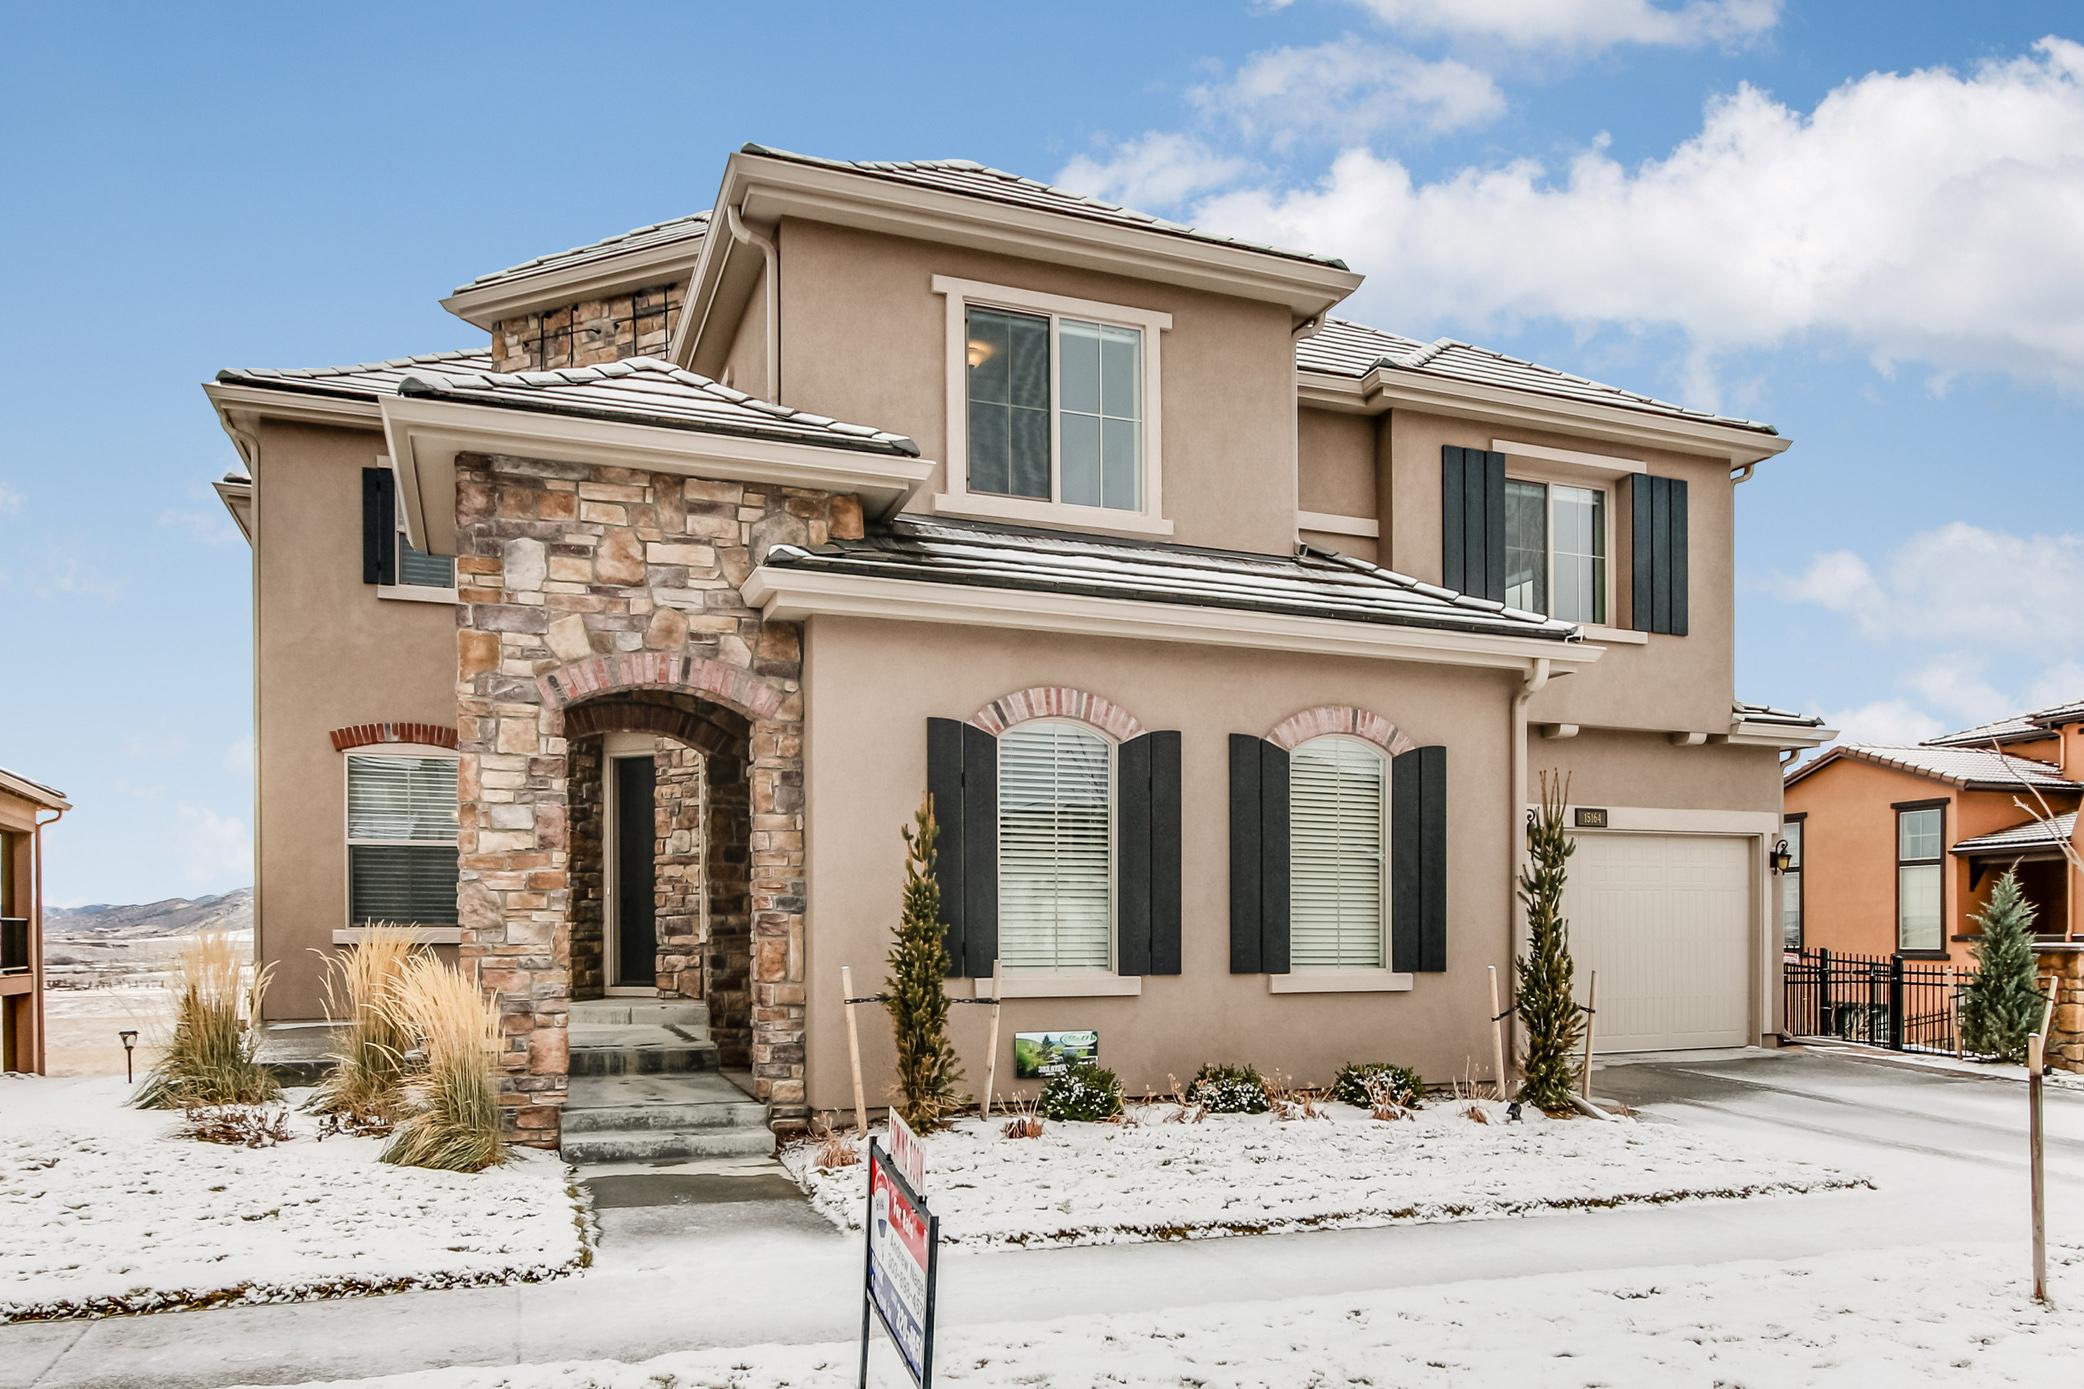 15164 W. Washburn Ave.   $864,700